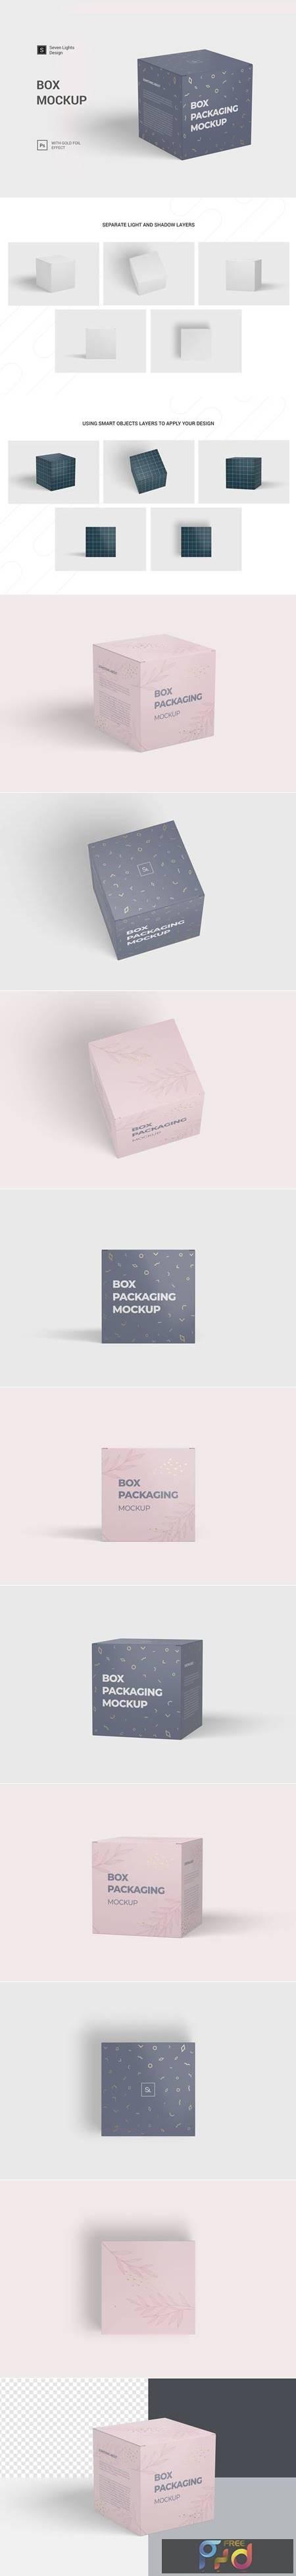 Box Packaging Mockup 5270881 1